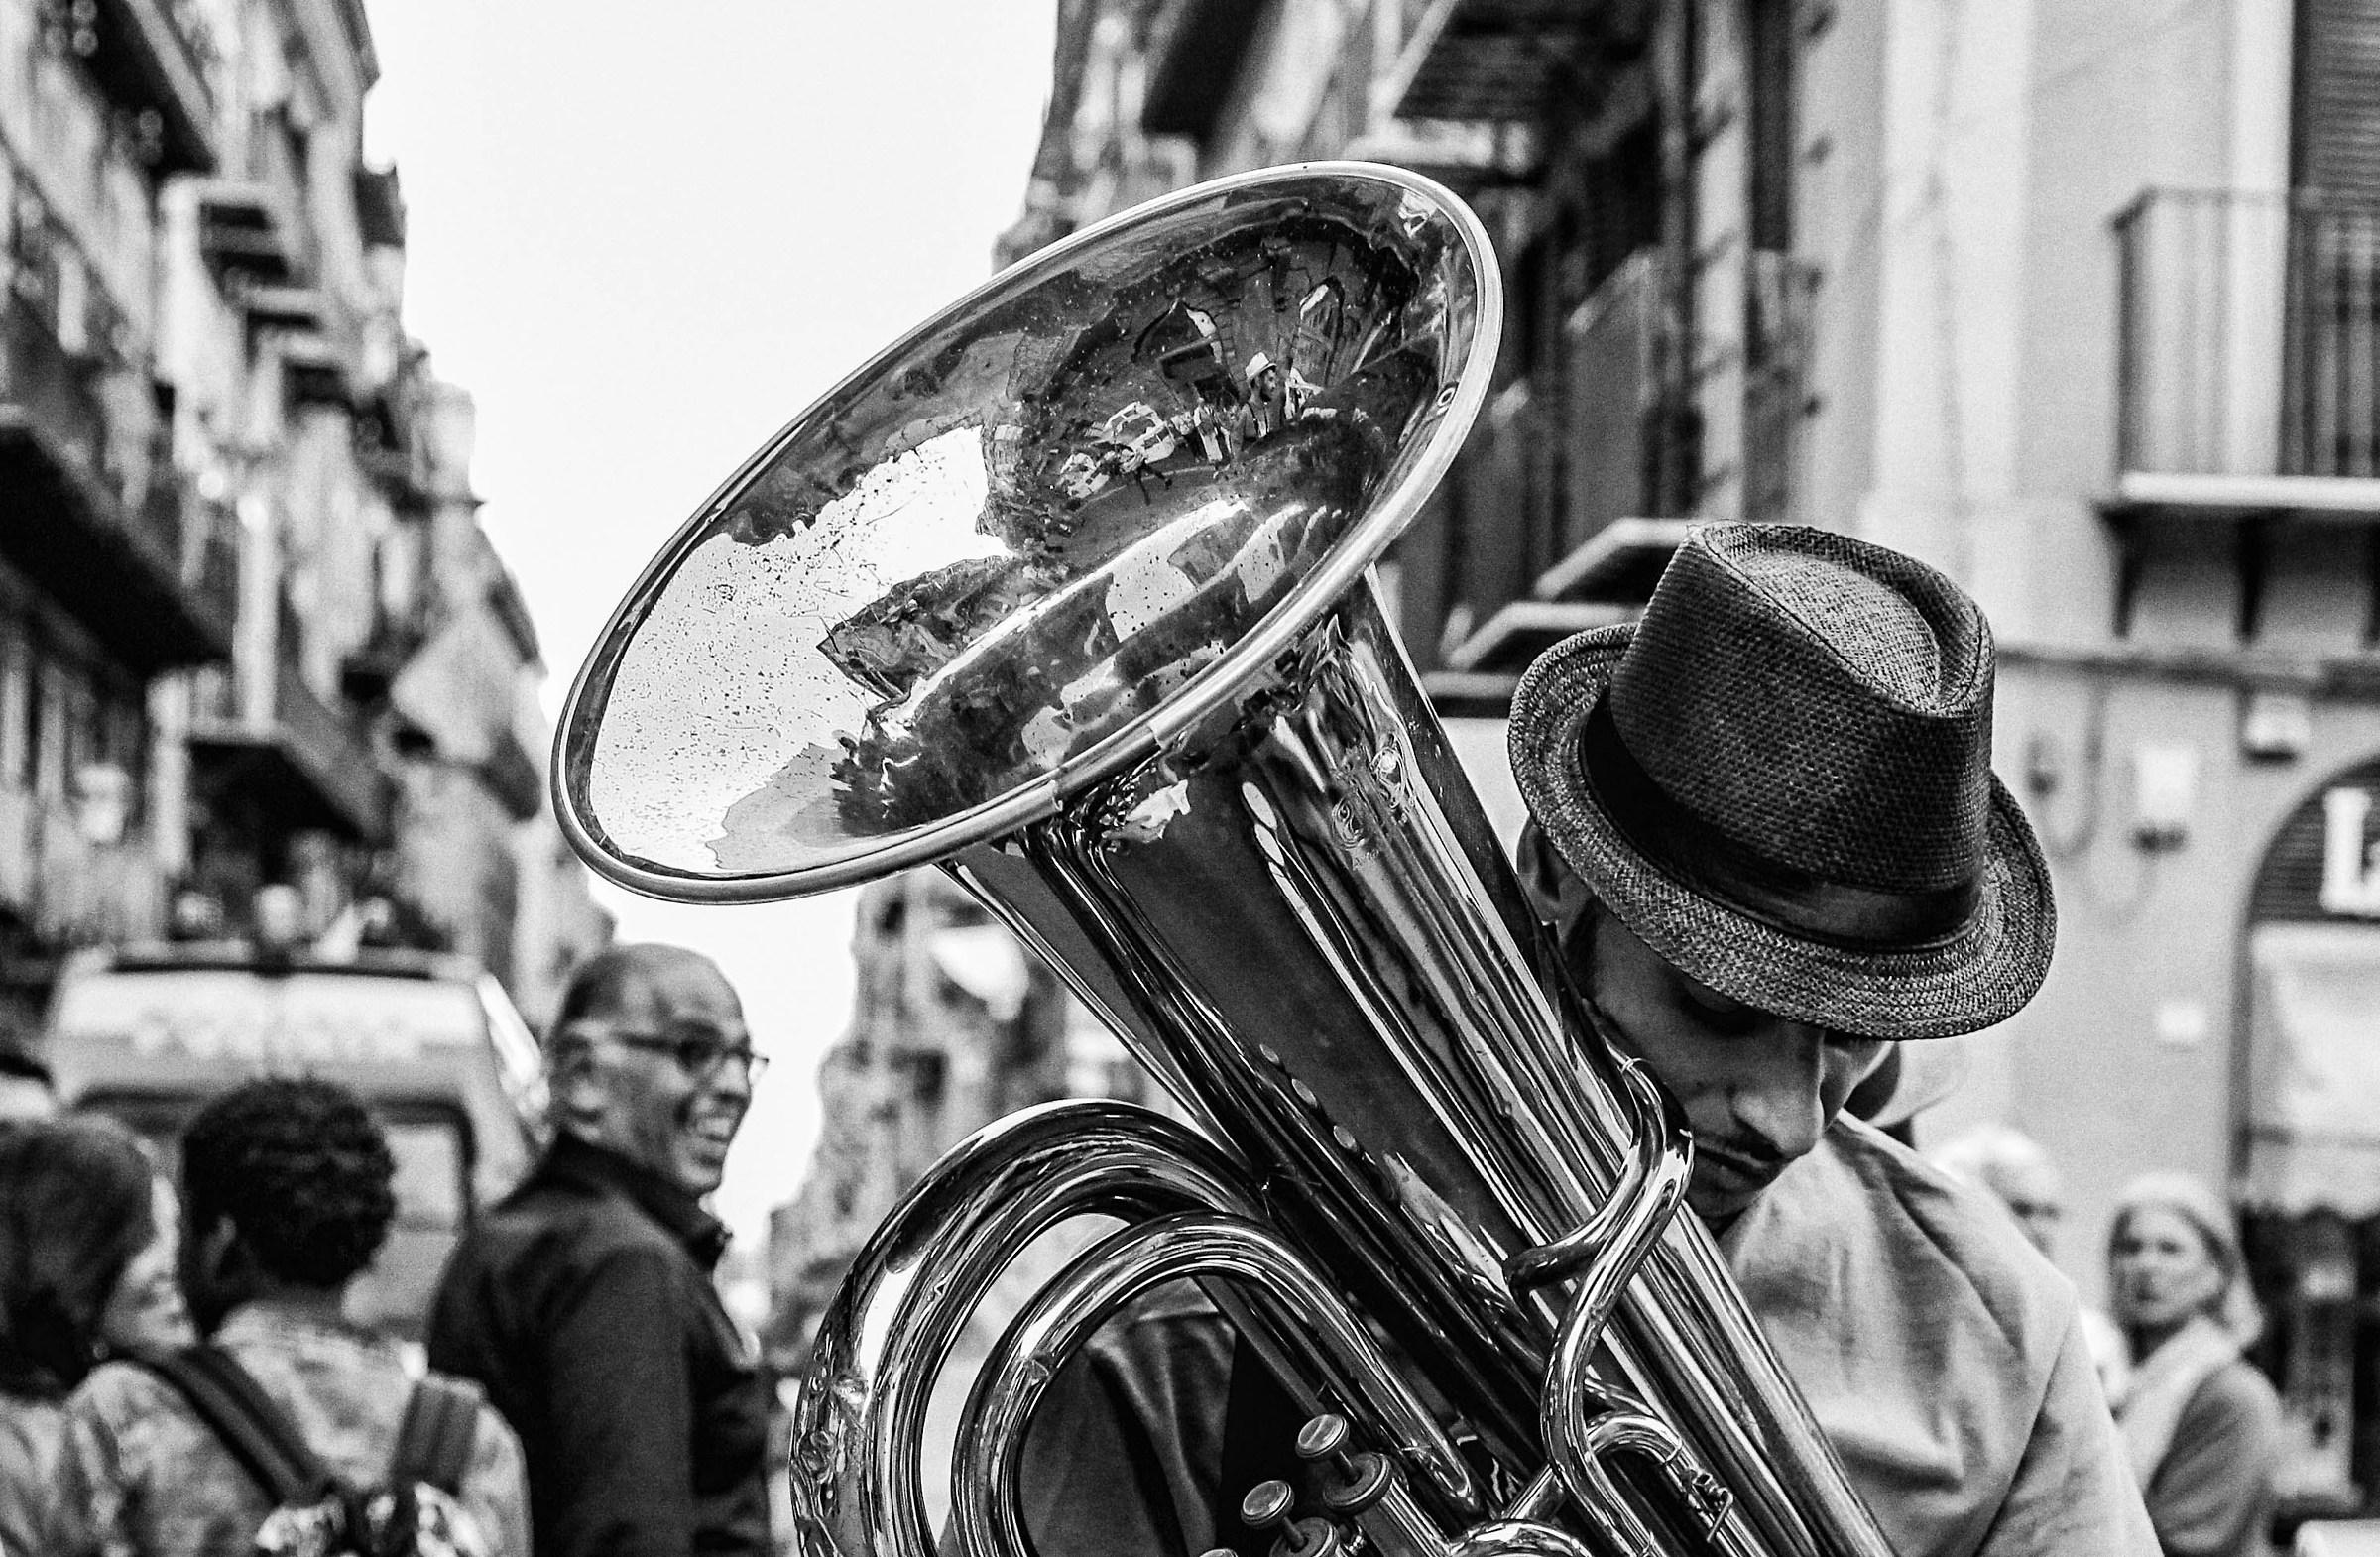 The Tuba player...